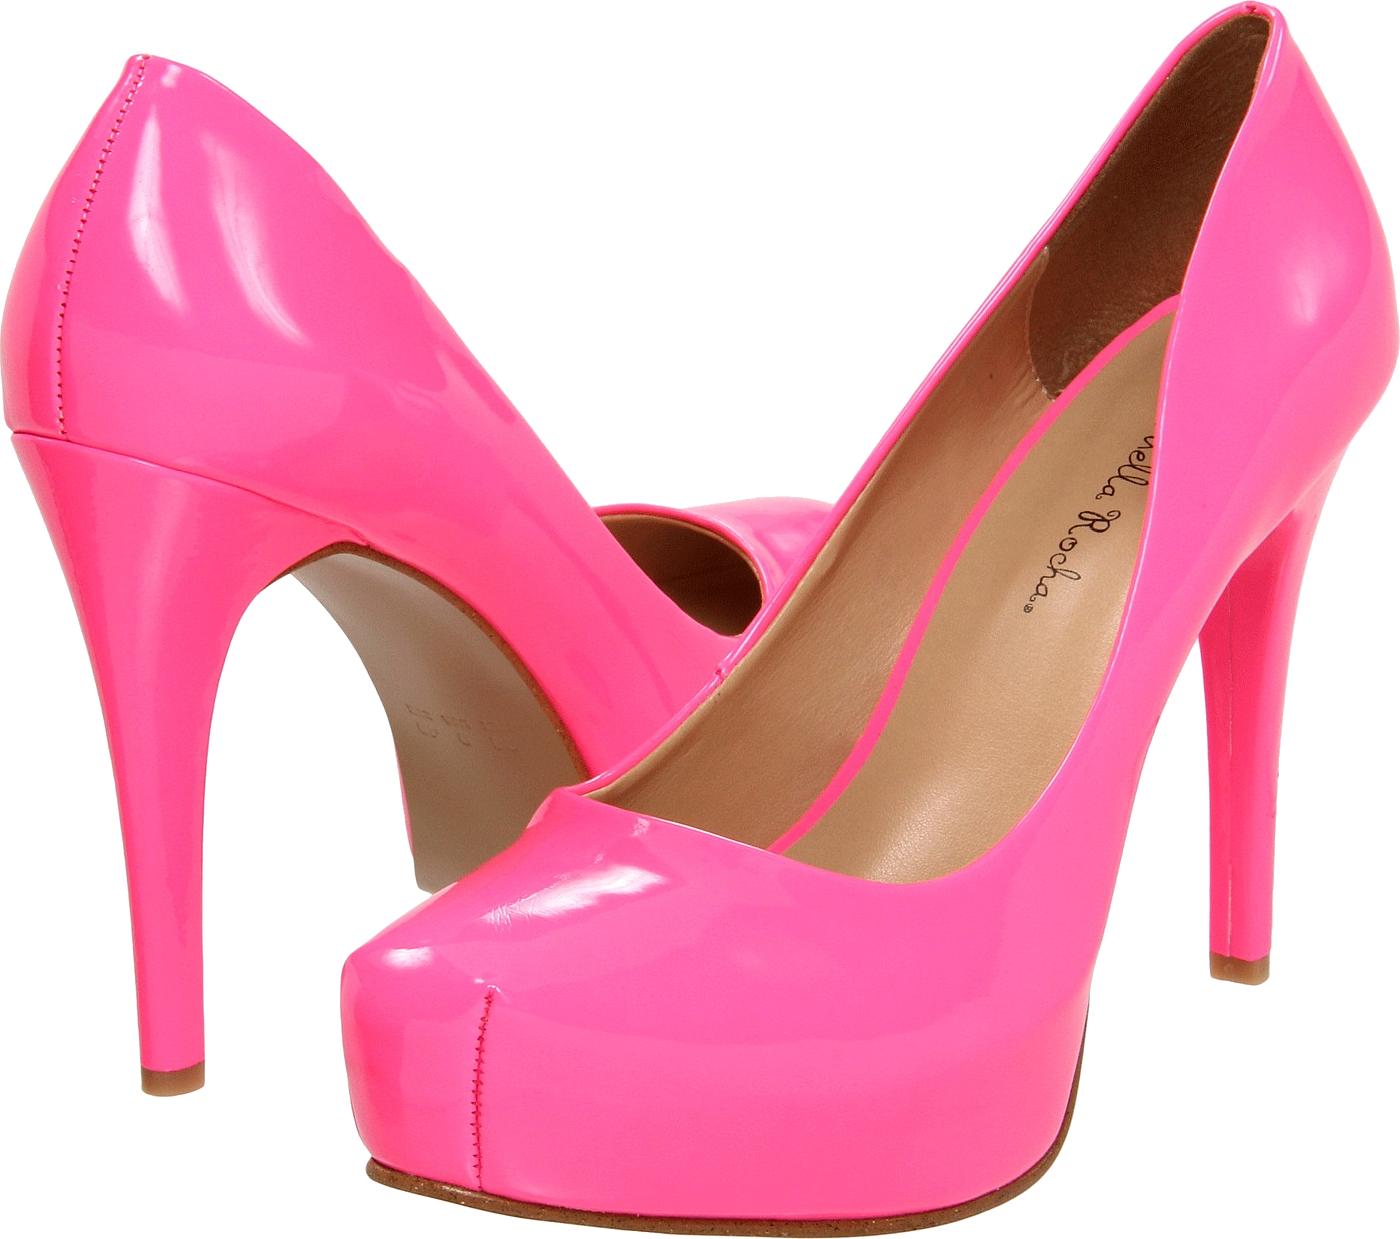 Pink Women Shoe PNG Image